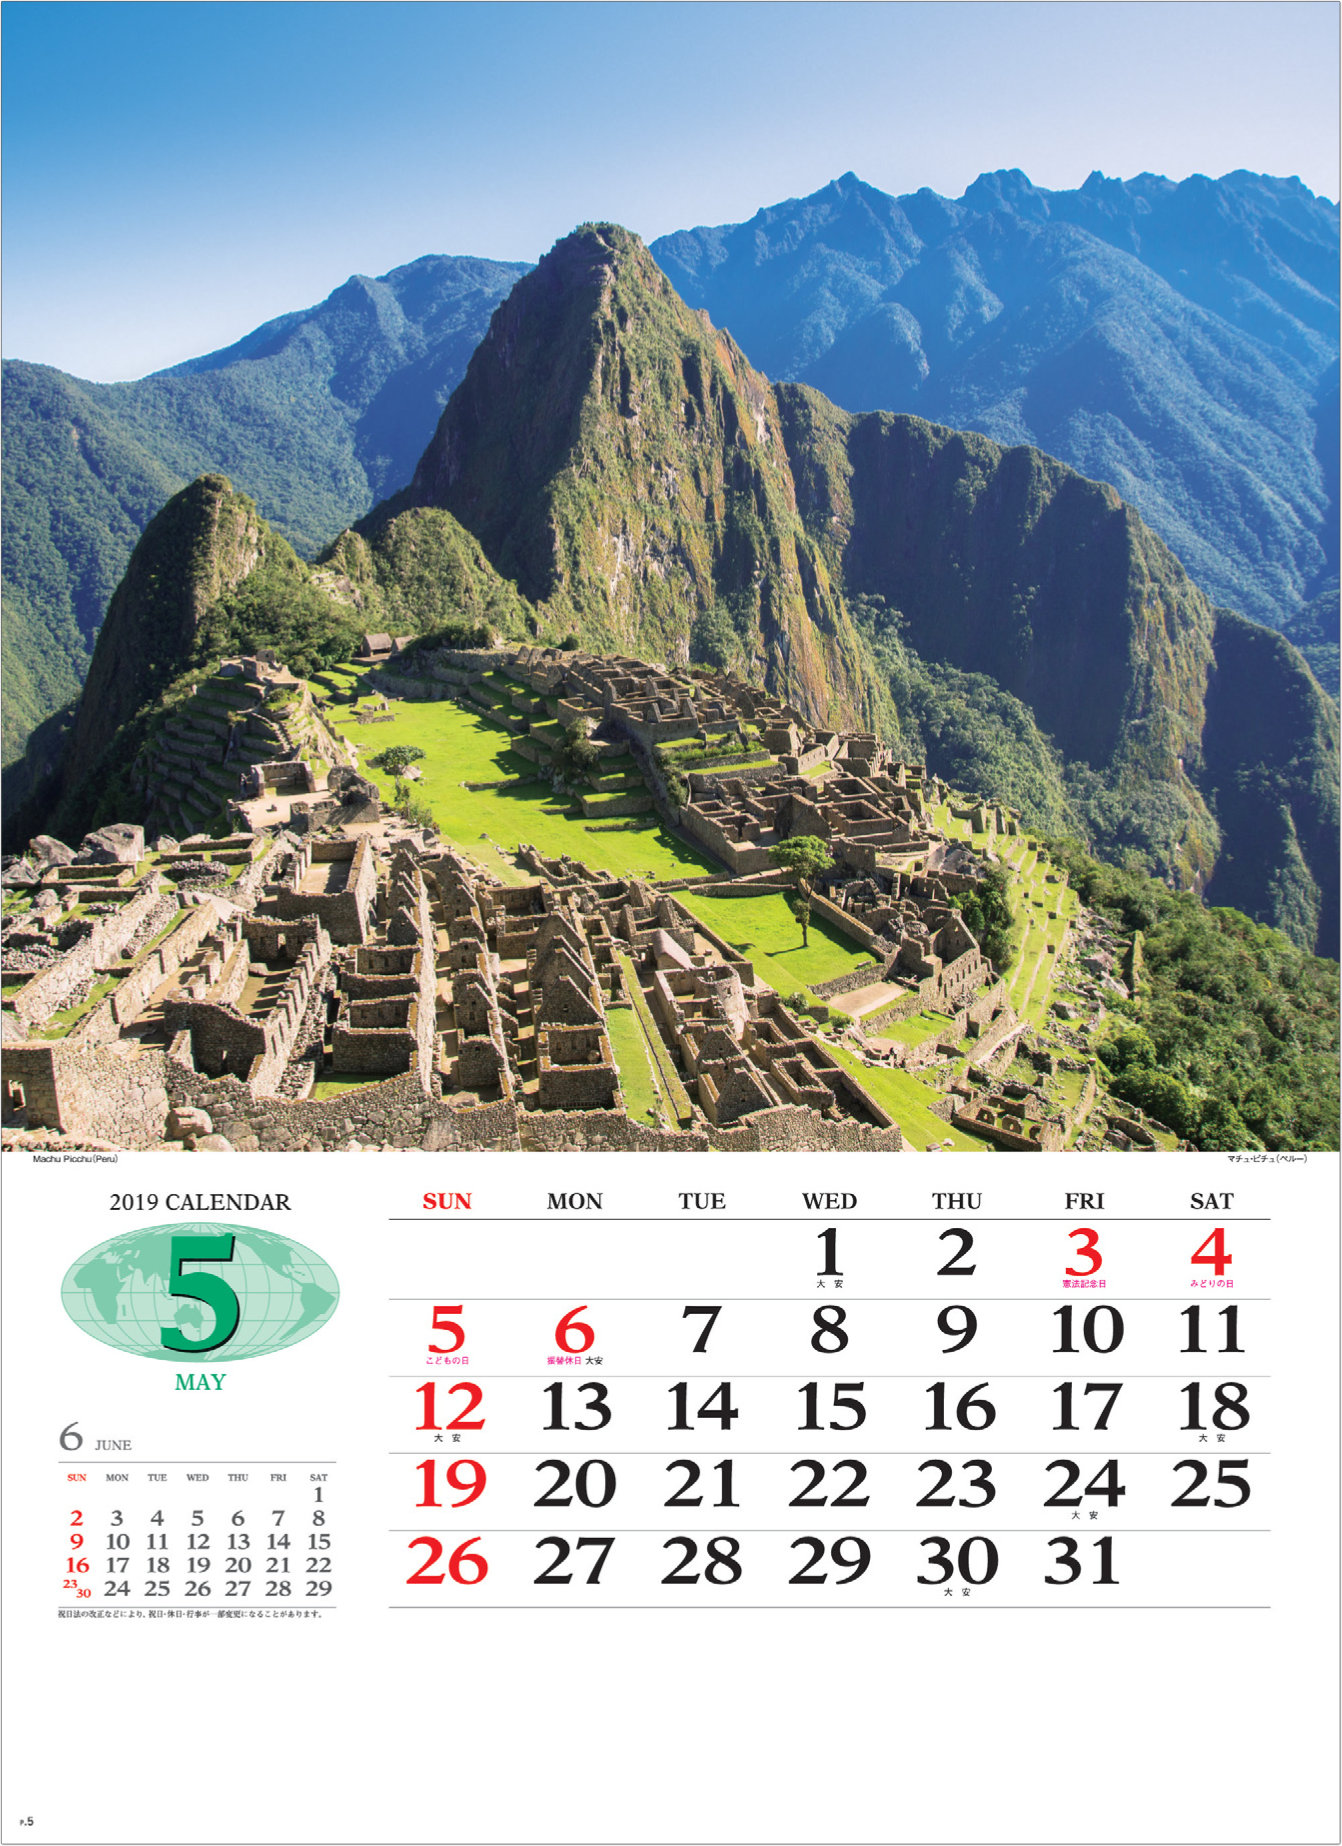 画像:ペルーの空中都市マチュ・ピチュ 世界の景観 2019年カレンダー